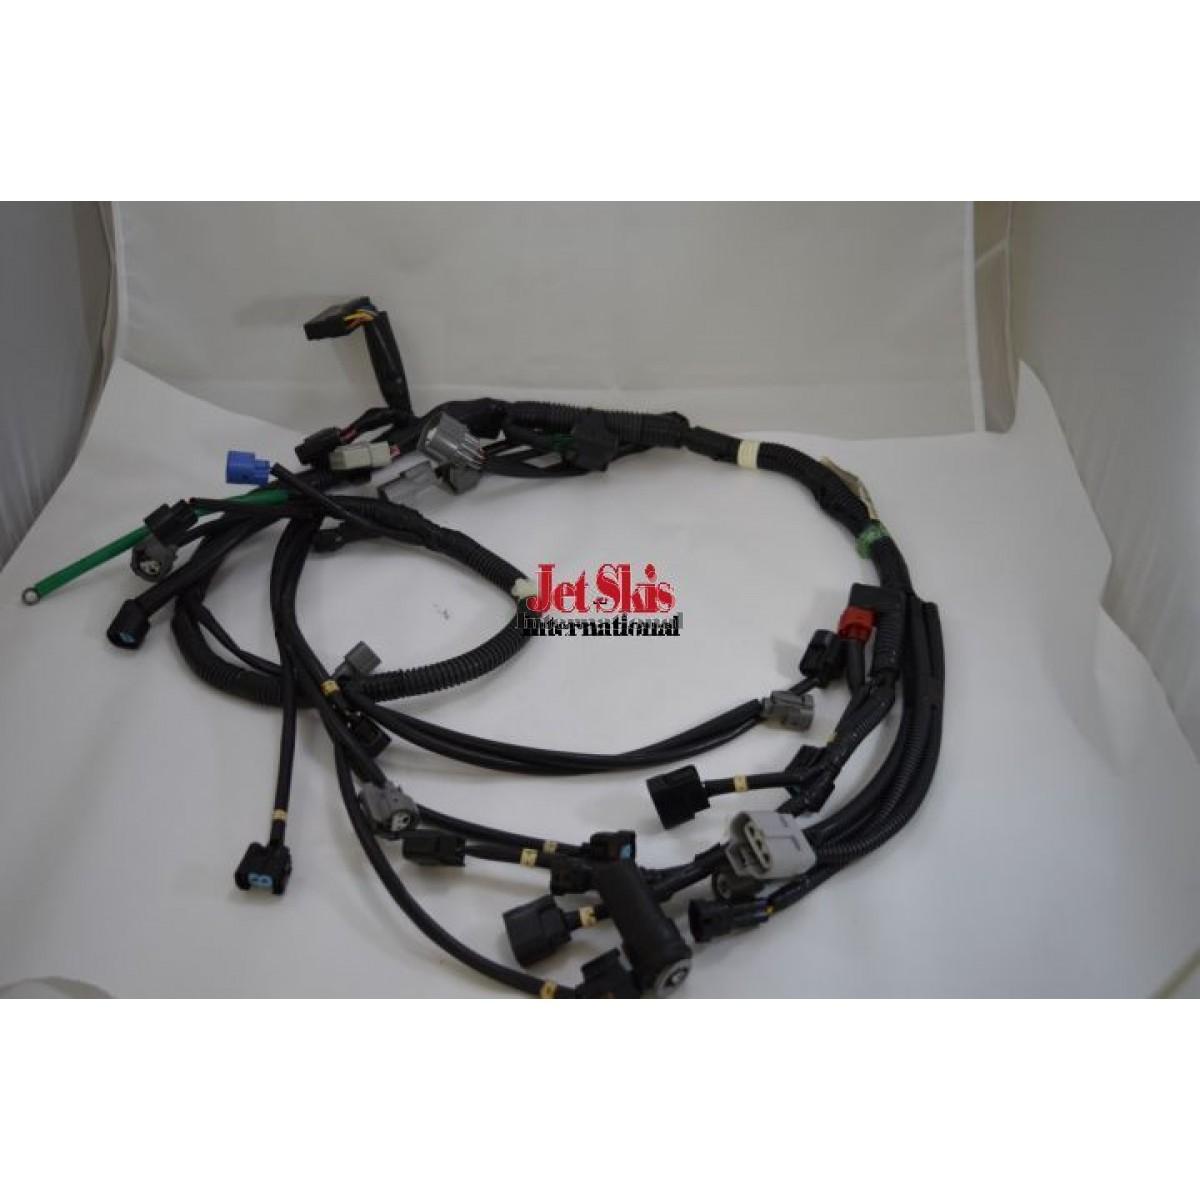 honda aquatrax 32100 hw1 690 wire harness jet skis international